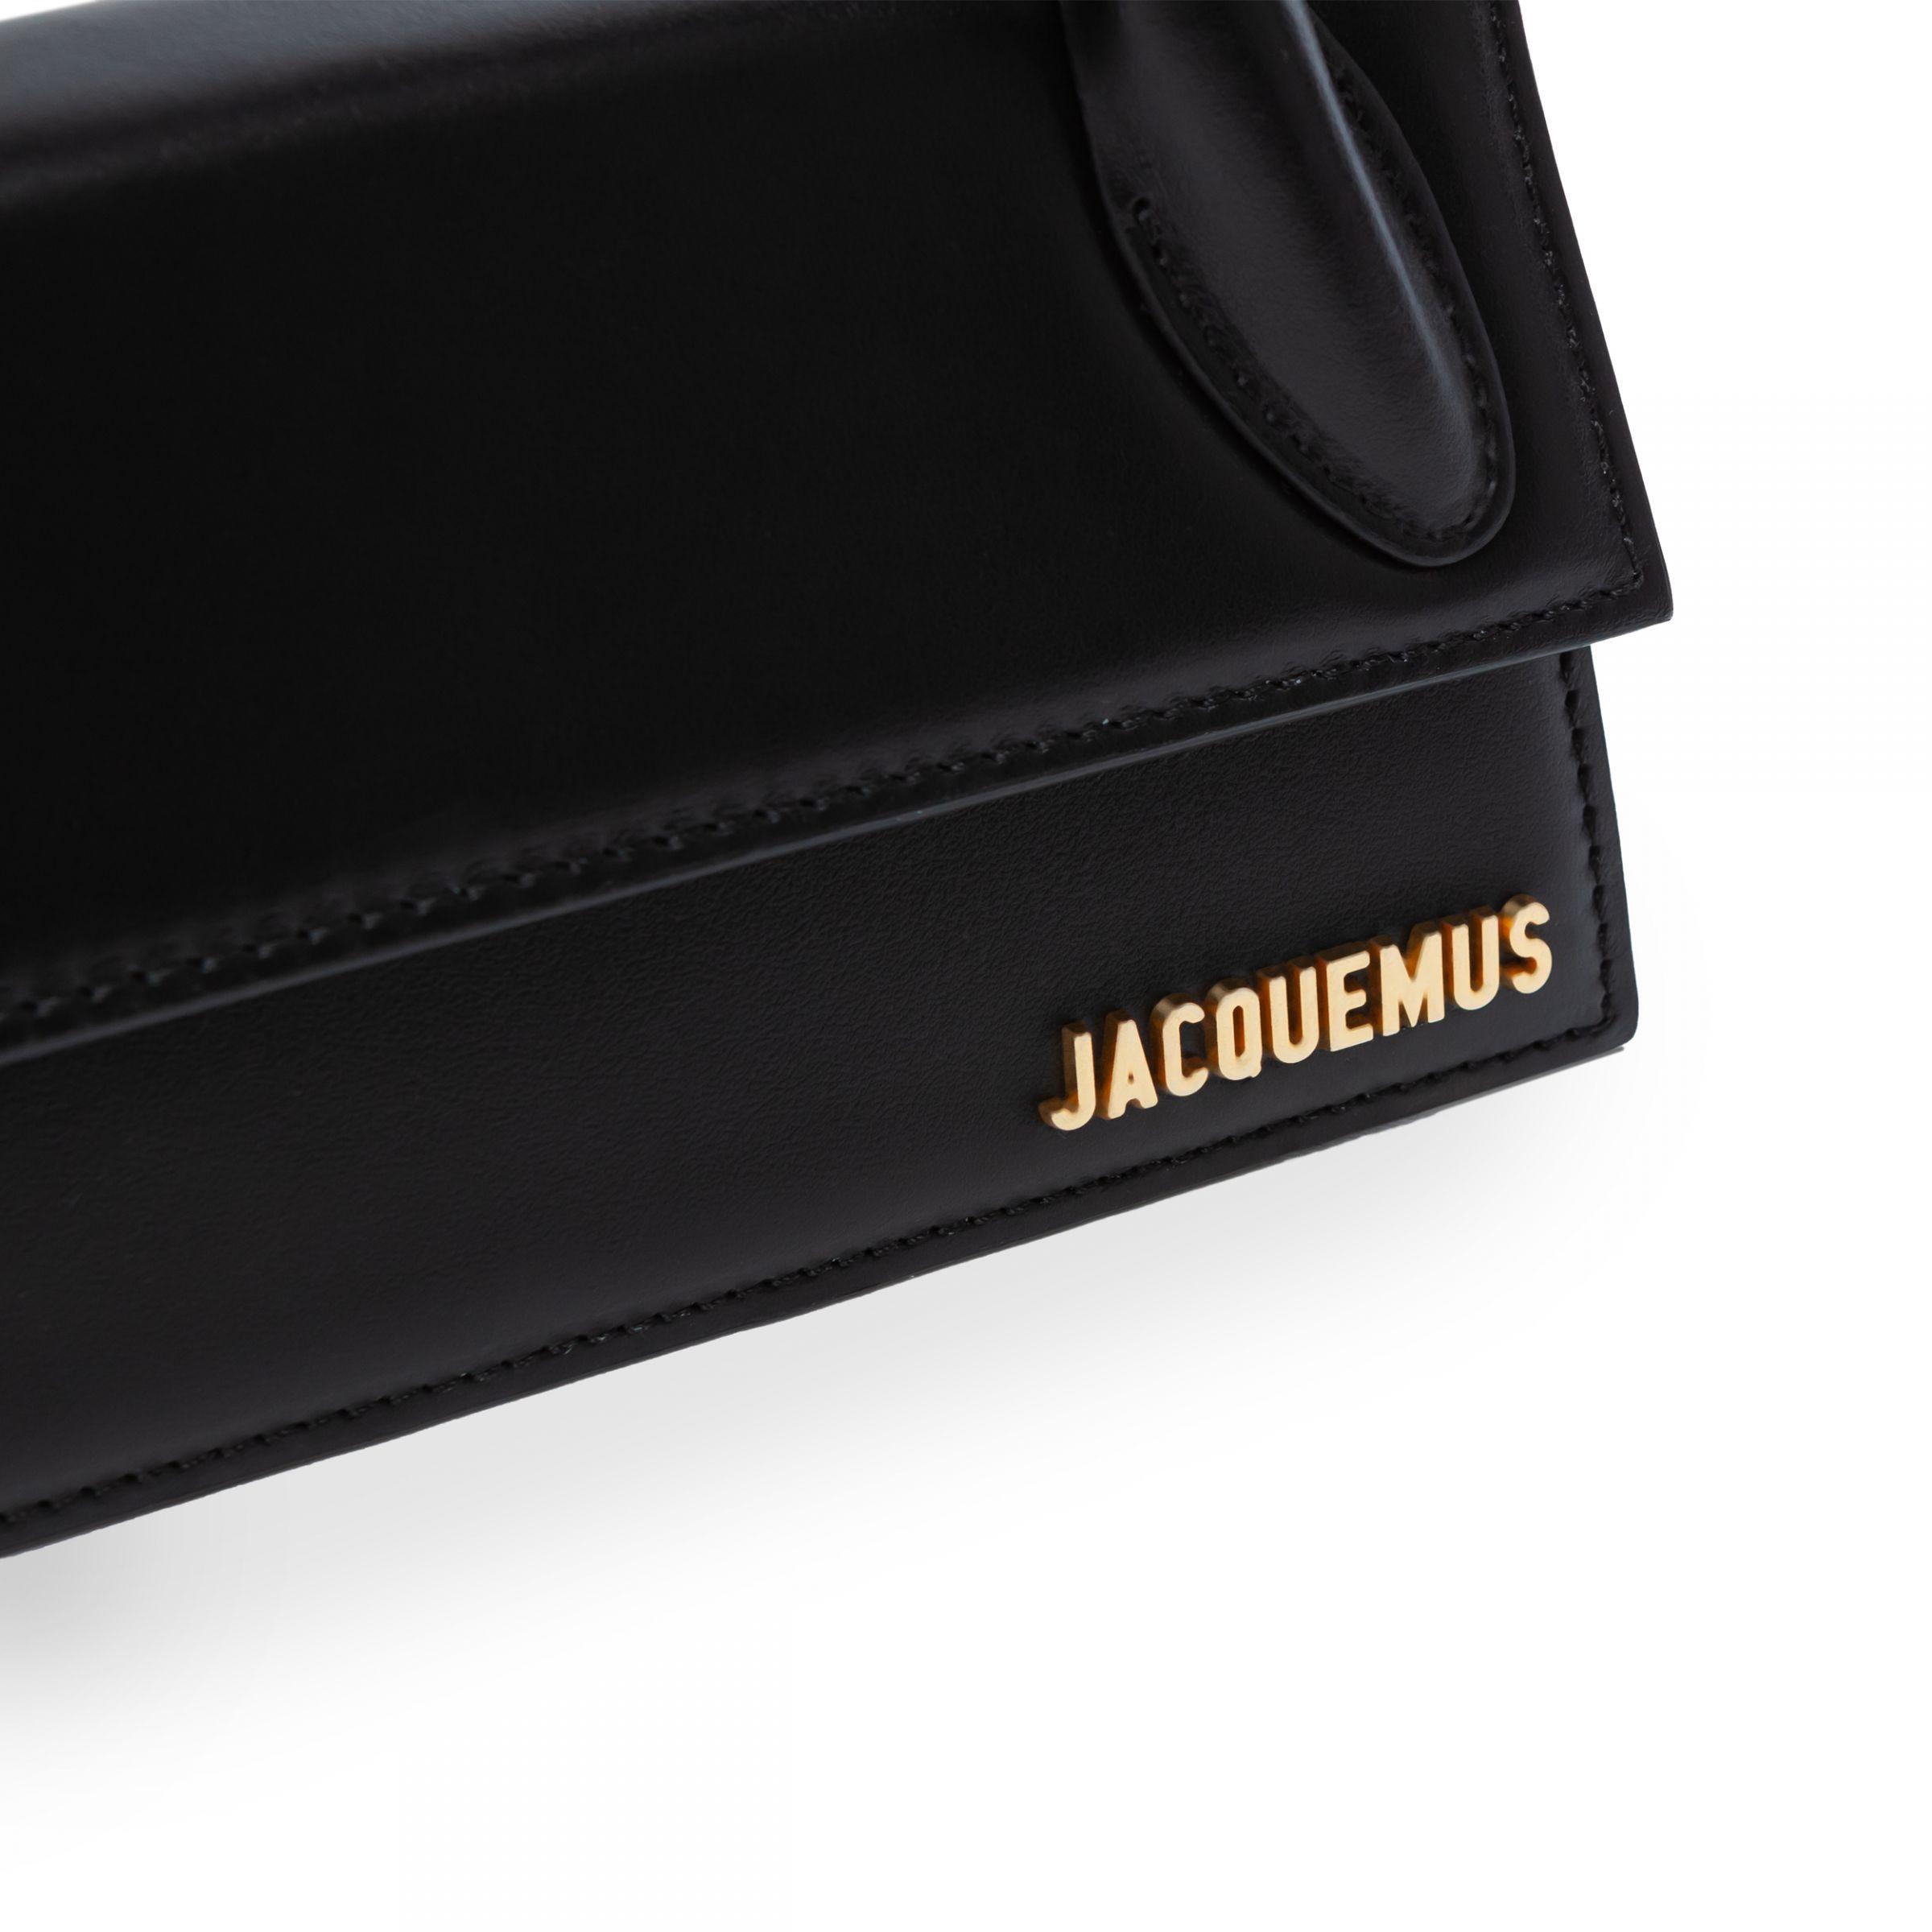 Сумка Jacquemus Le Chiquito Long черная